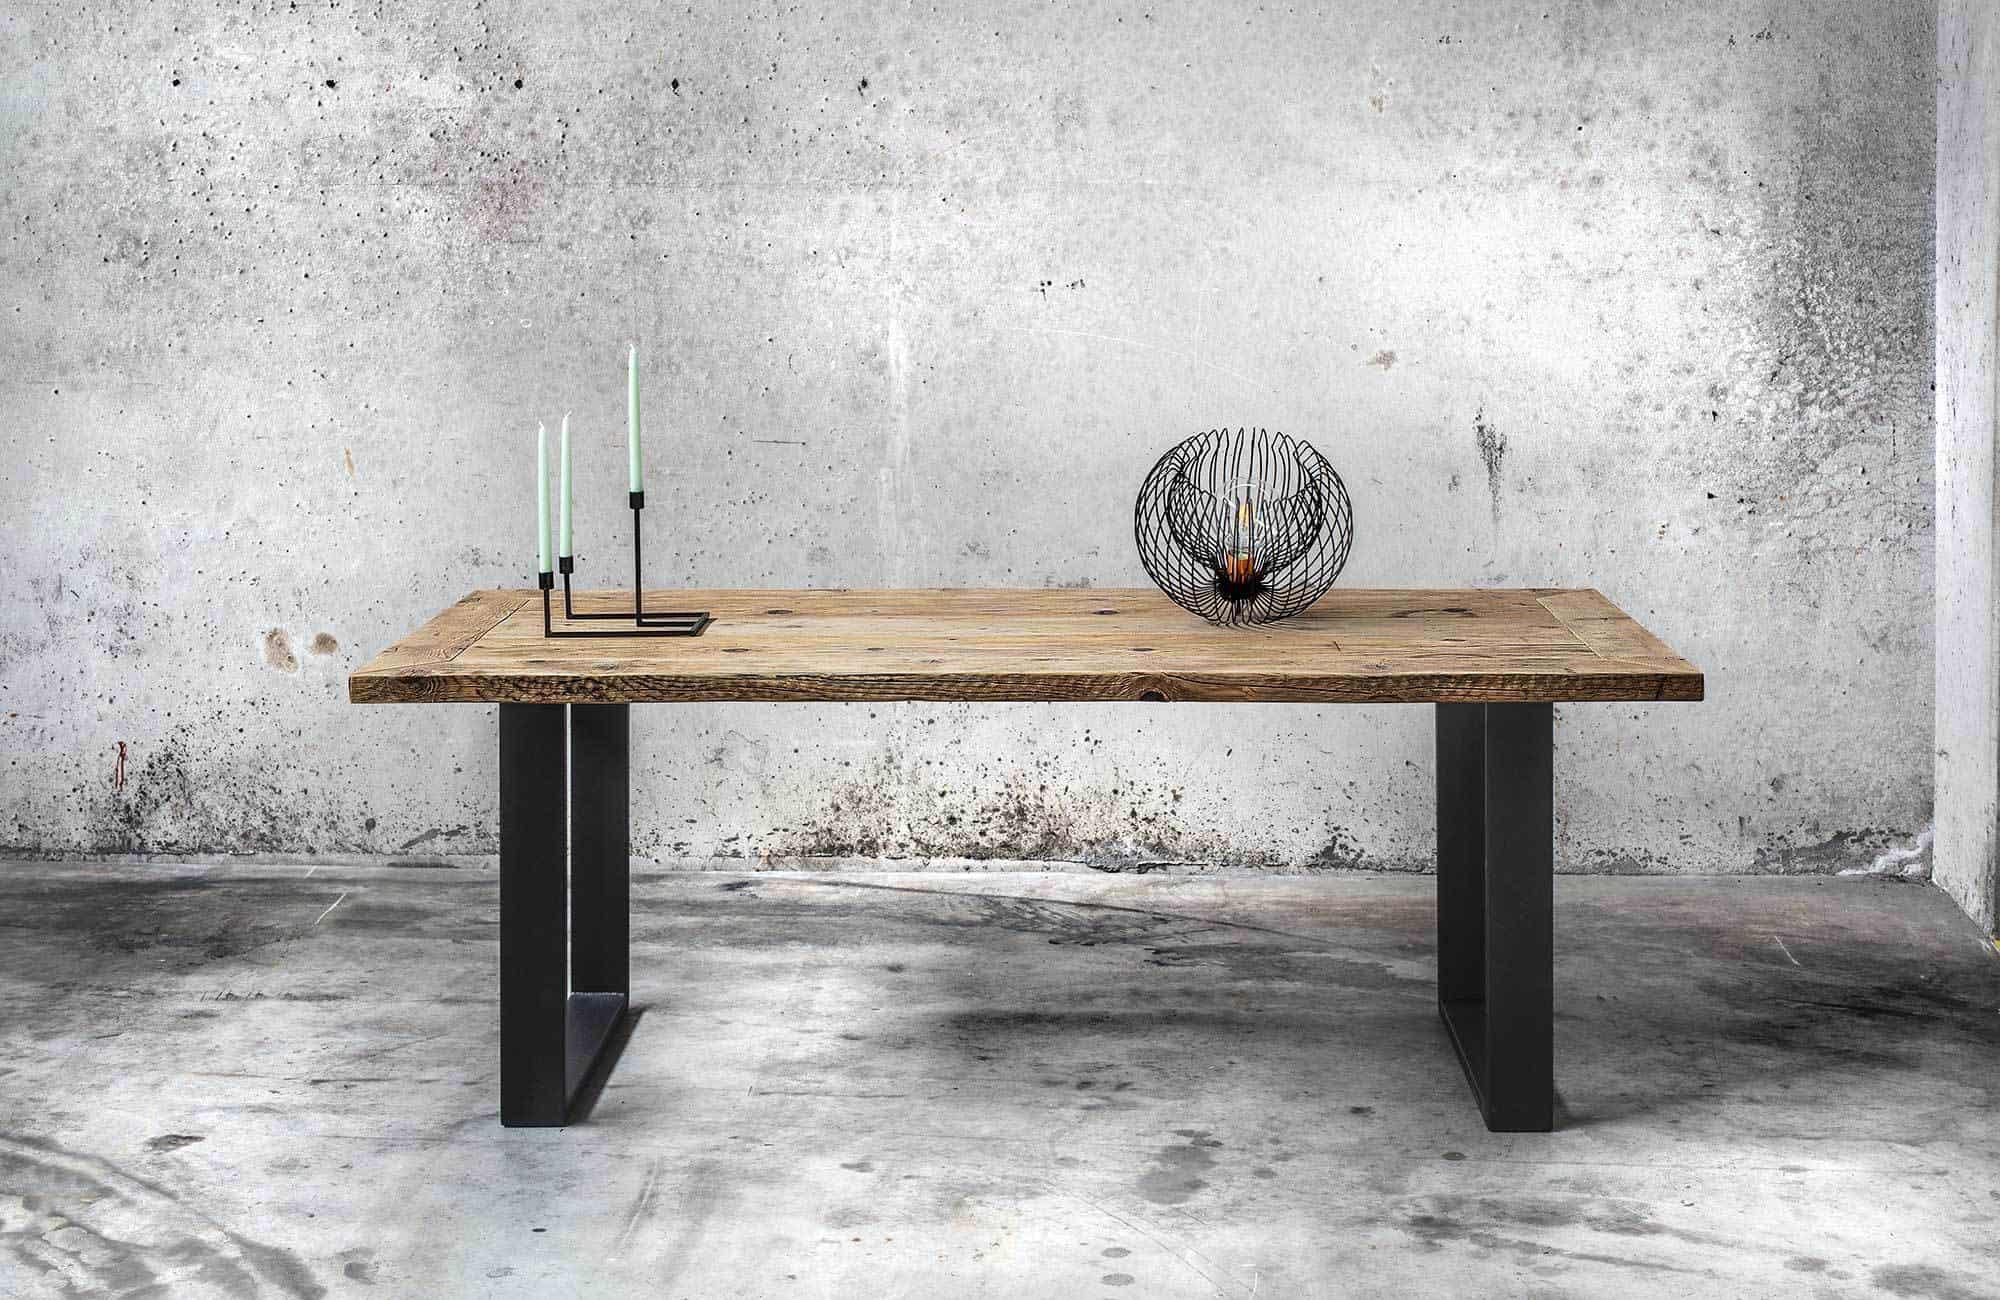 https://www.inventoom.it/wps/wp-content/uploads/2017/04/taavolo-da-pranzo-in-legno-vecchio-di-recupero-legno-massello-inventoom-00.jpg